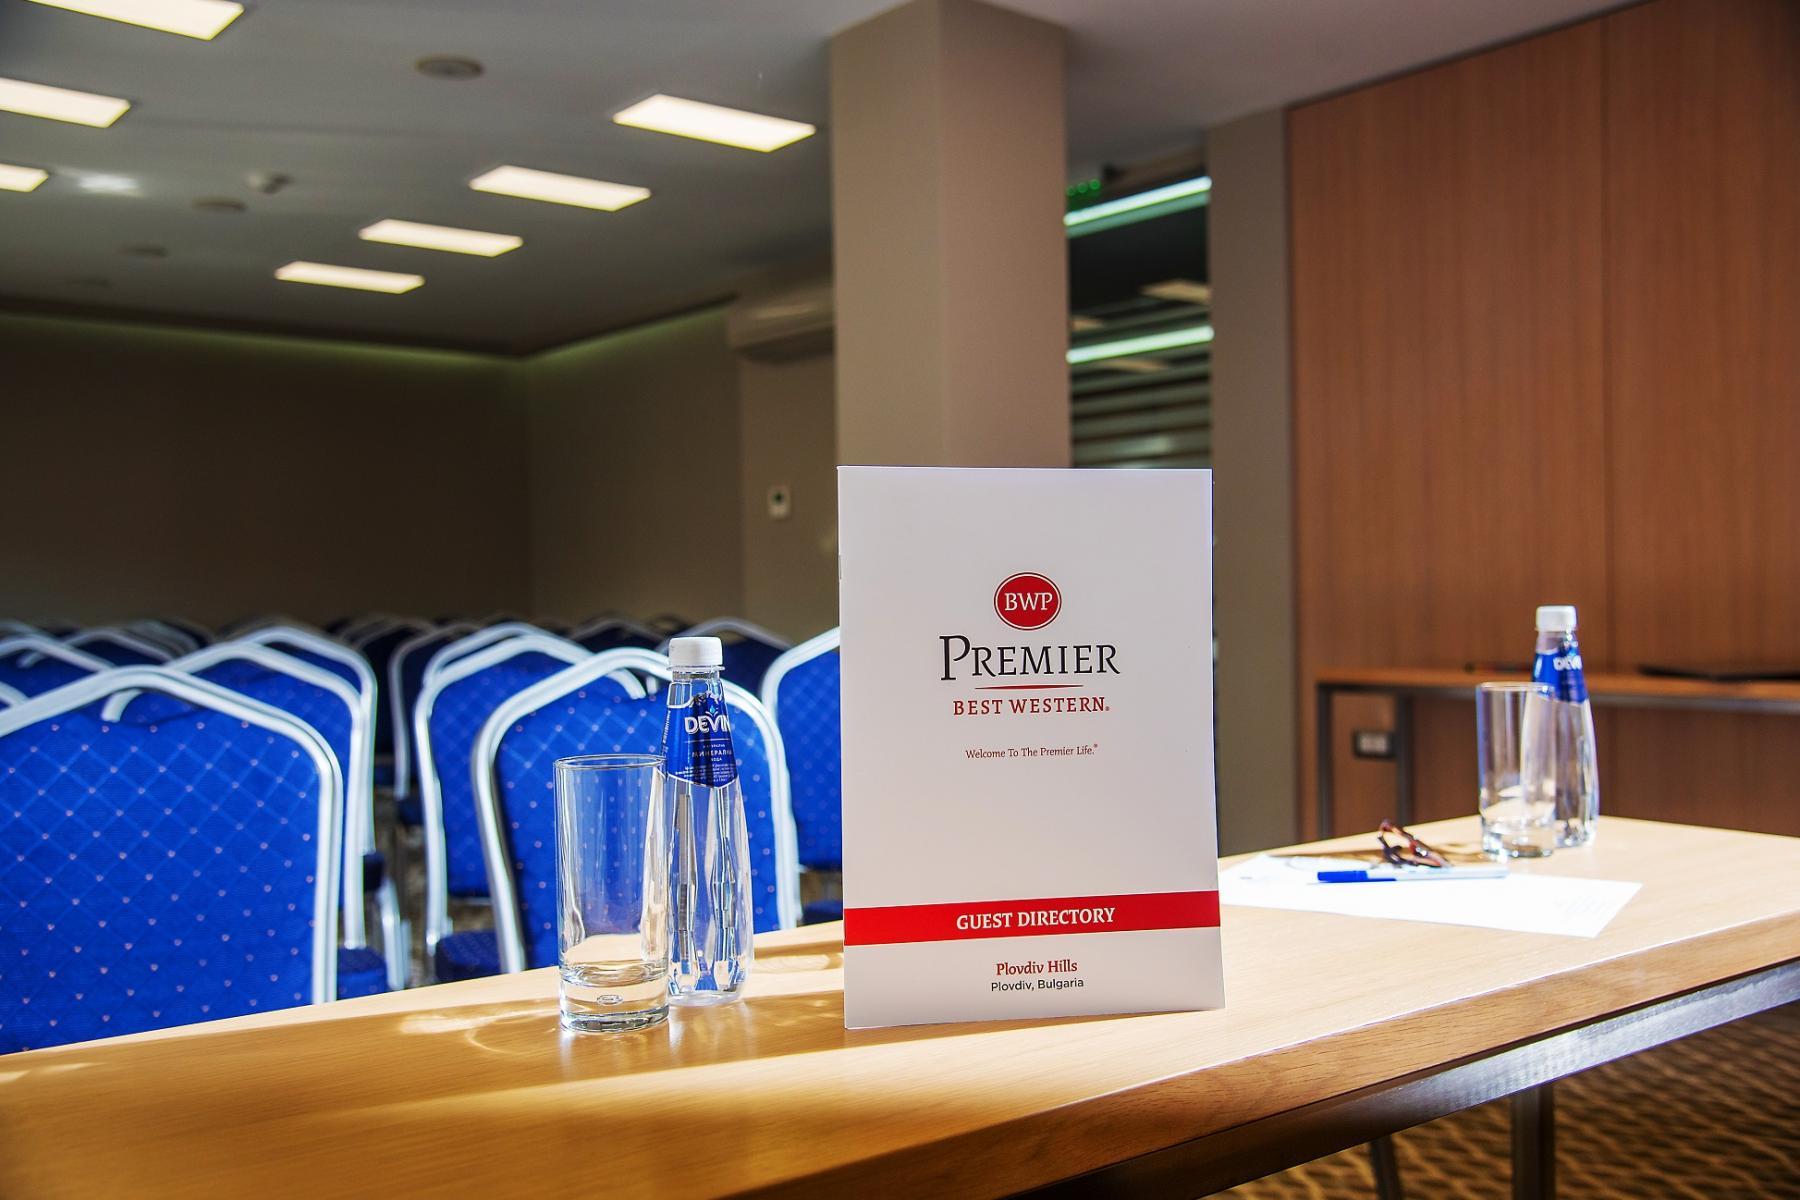 Нощувка със закуска за двама в хотел Бест Уестърн Премиер****, Пловдив, снимка 18